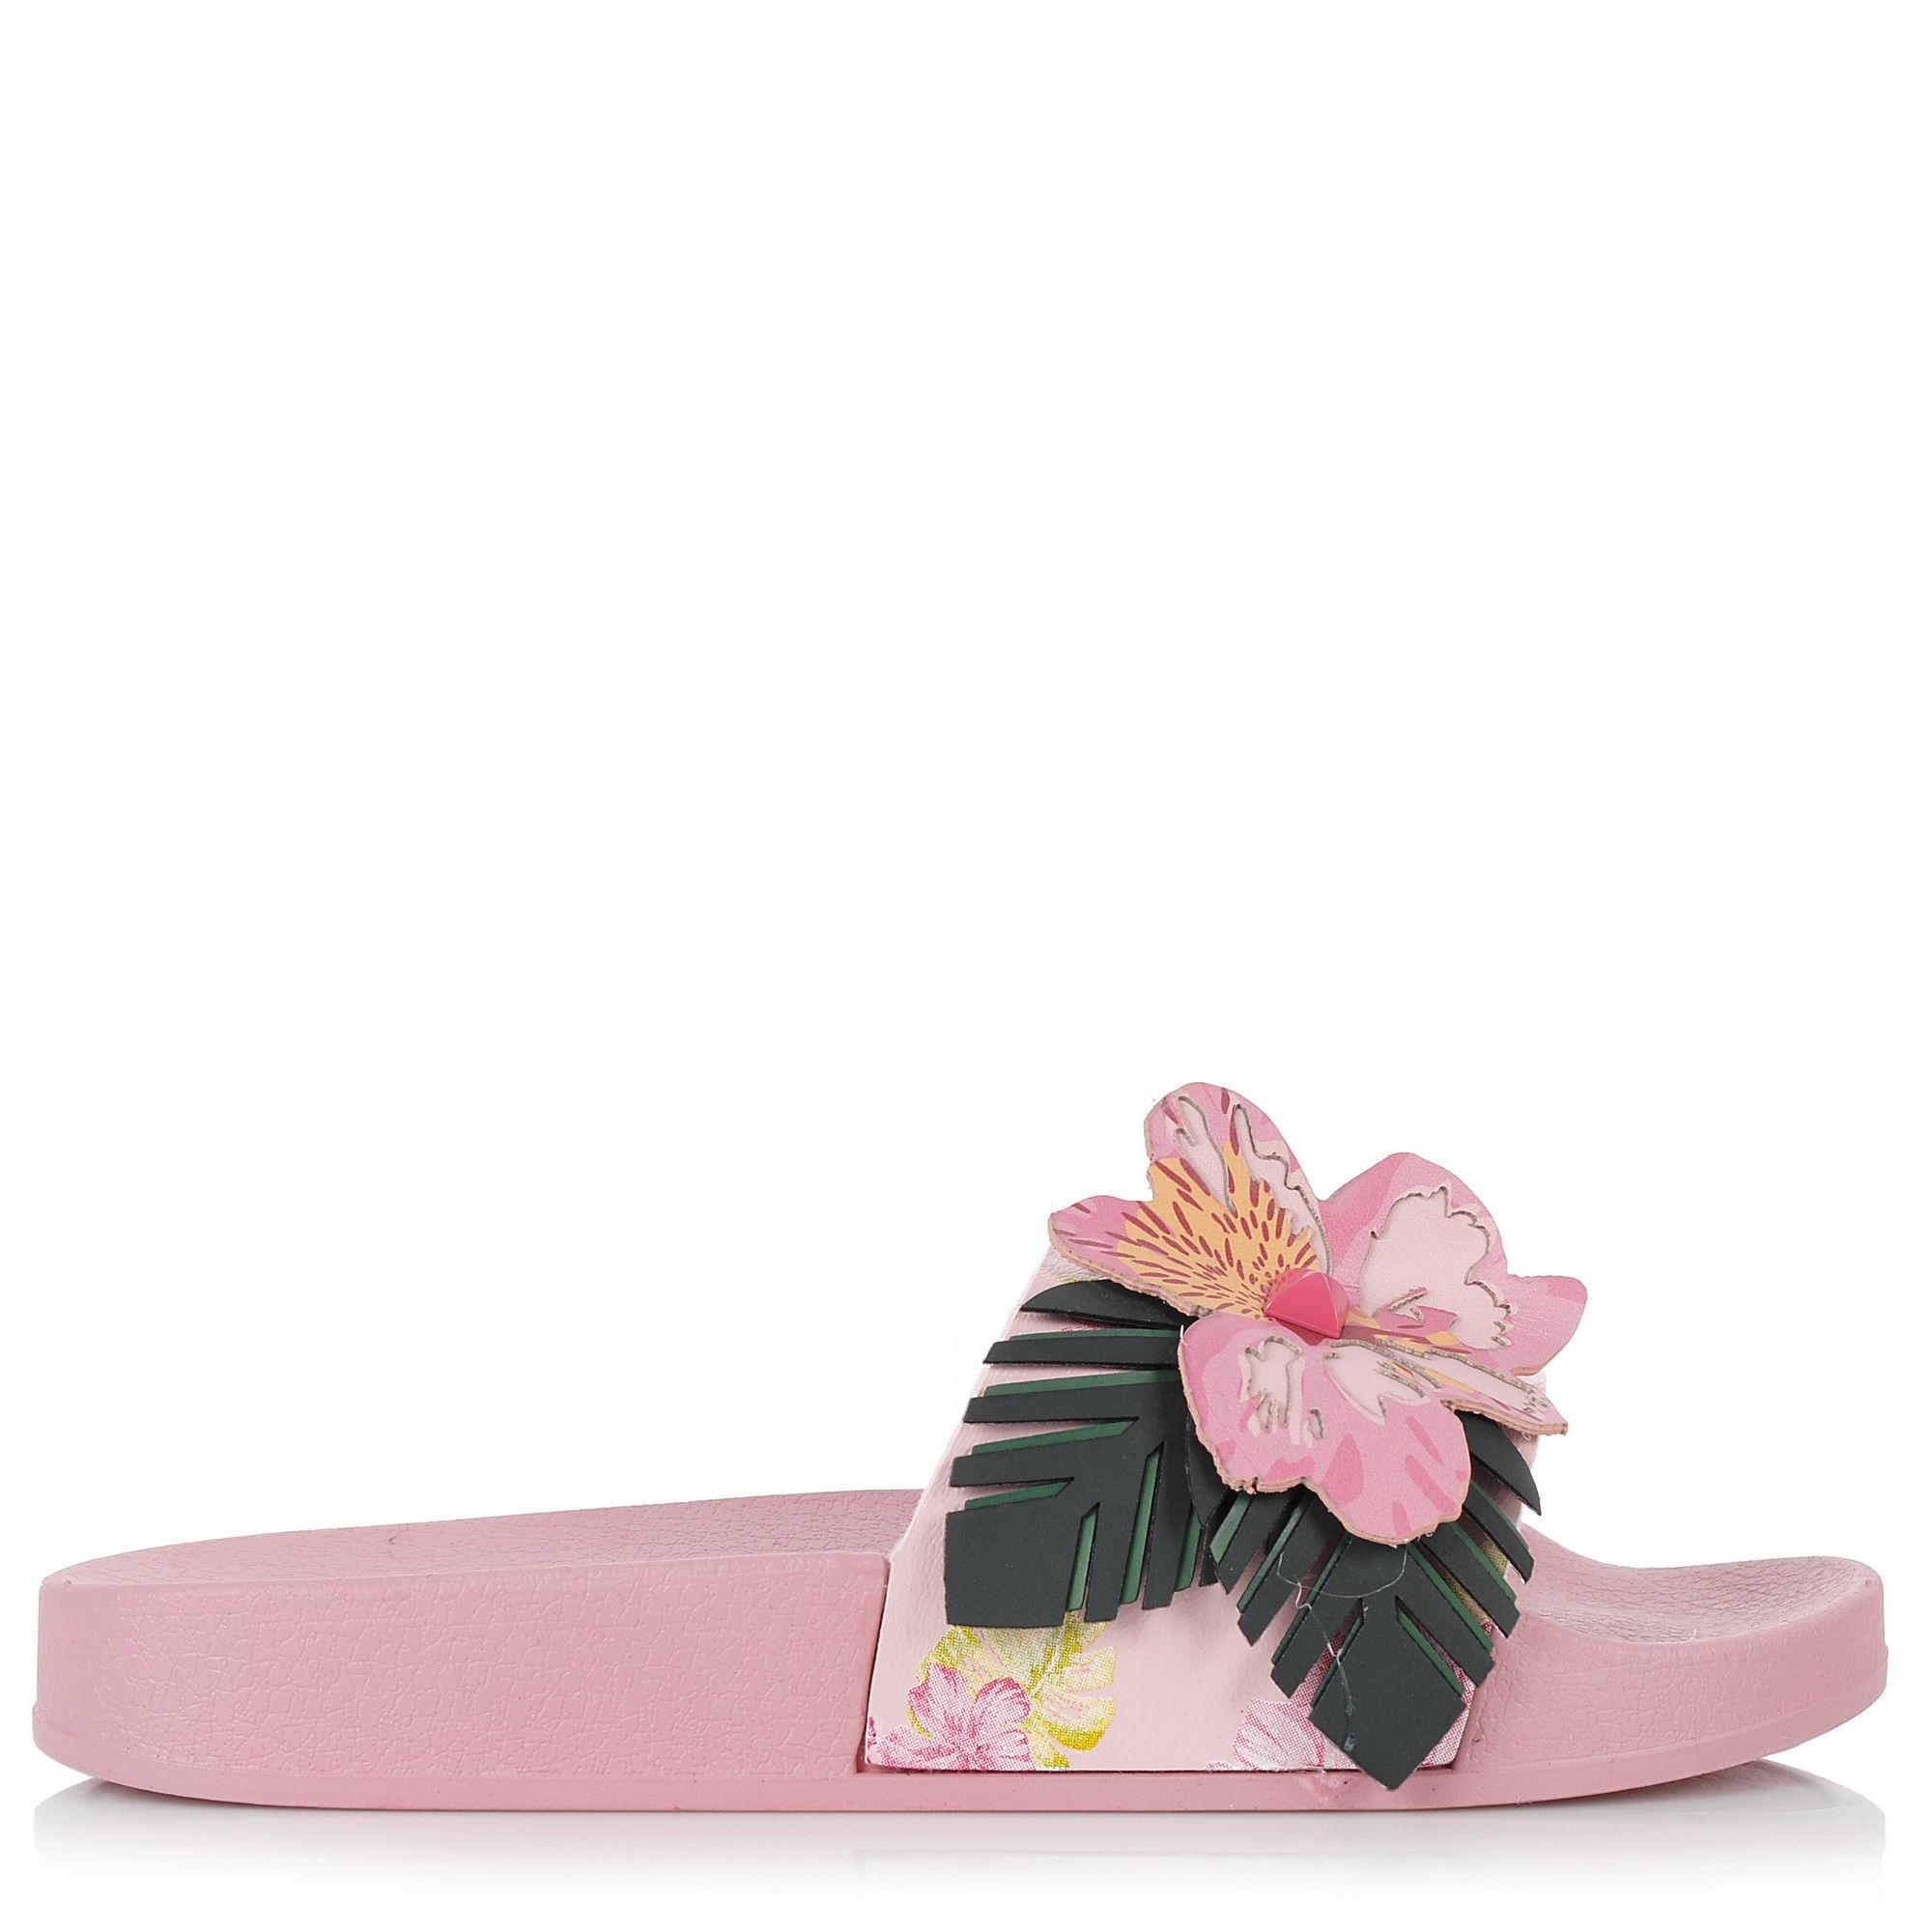 Σαγιονάρες Desigual Shoes Slide Malibu 18SSHP1 γυναικα   γυναικείο παπούτσι